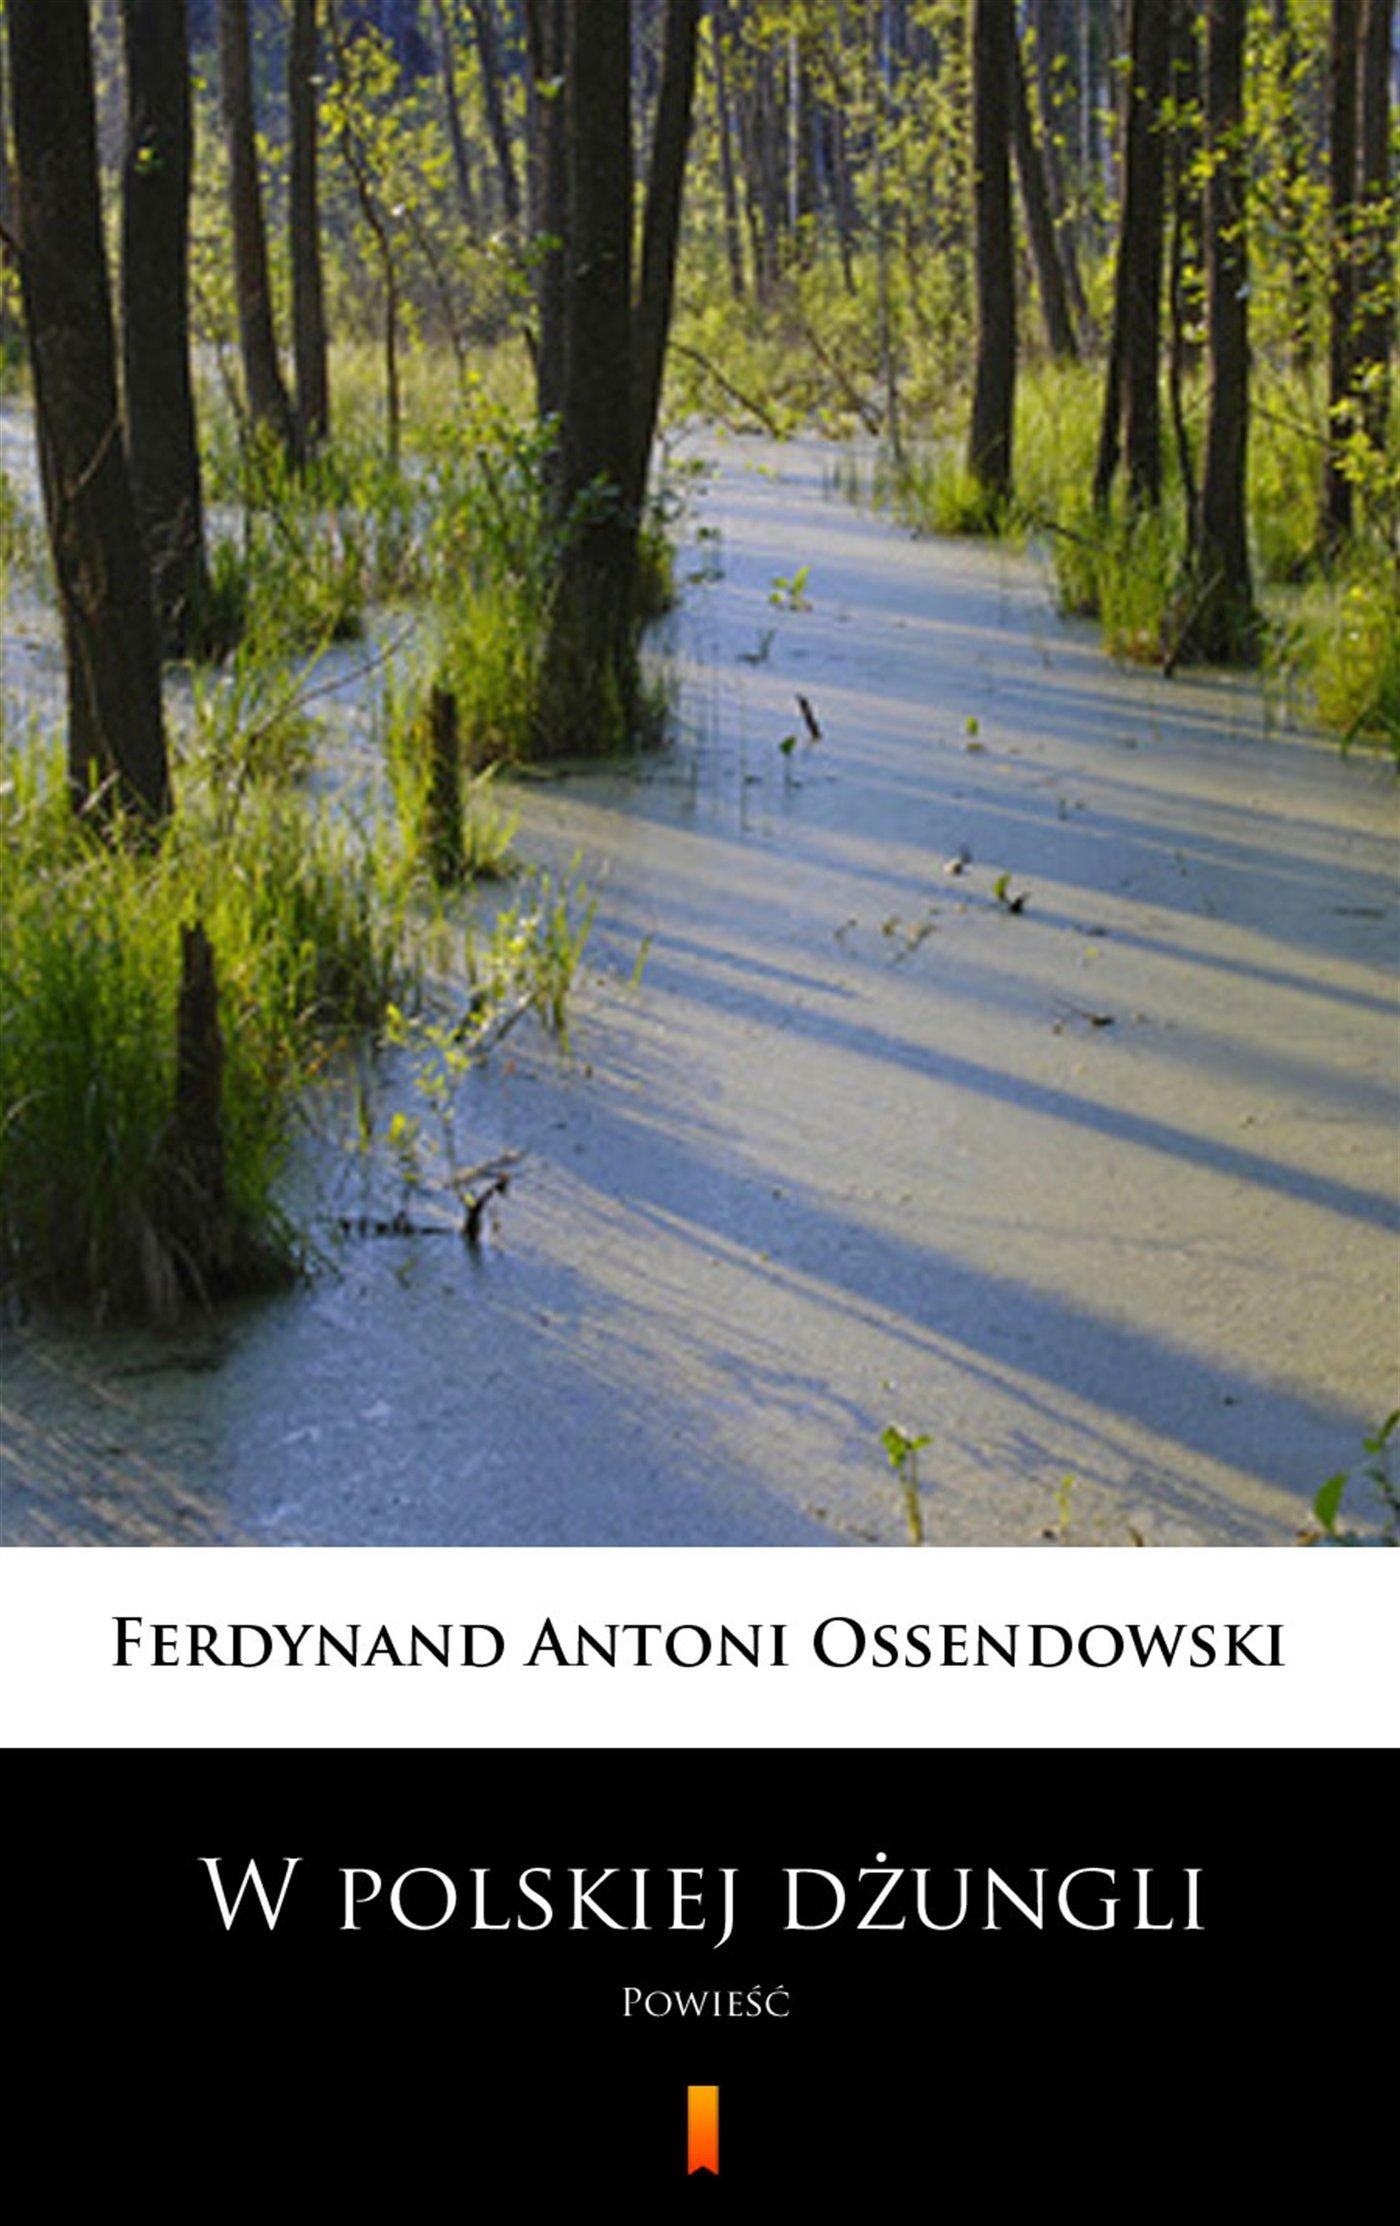 W polskiej dżungli - Ebook (Książka na Kindle) do pobrania w formacie MOBI